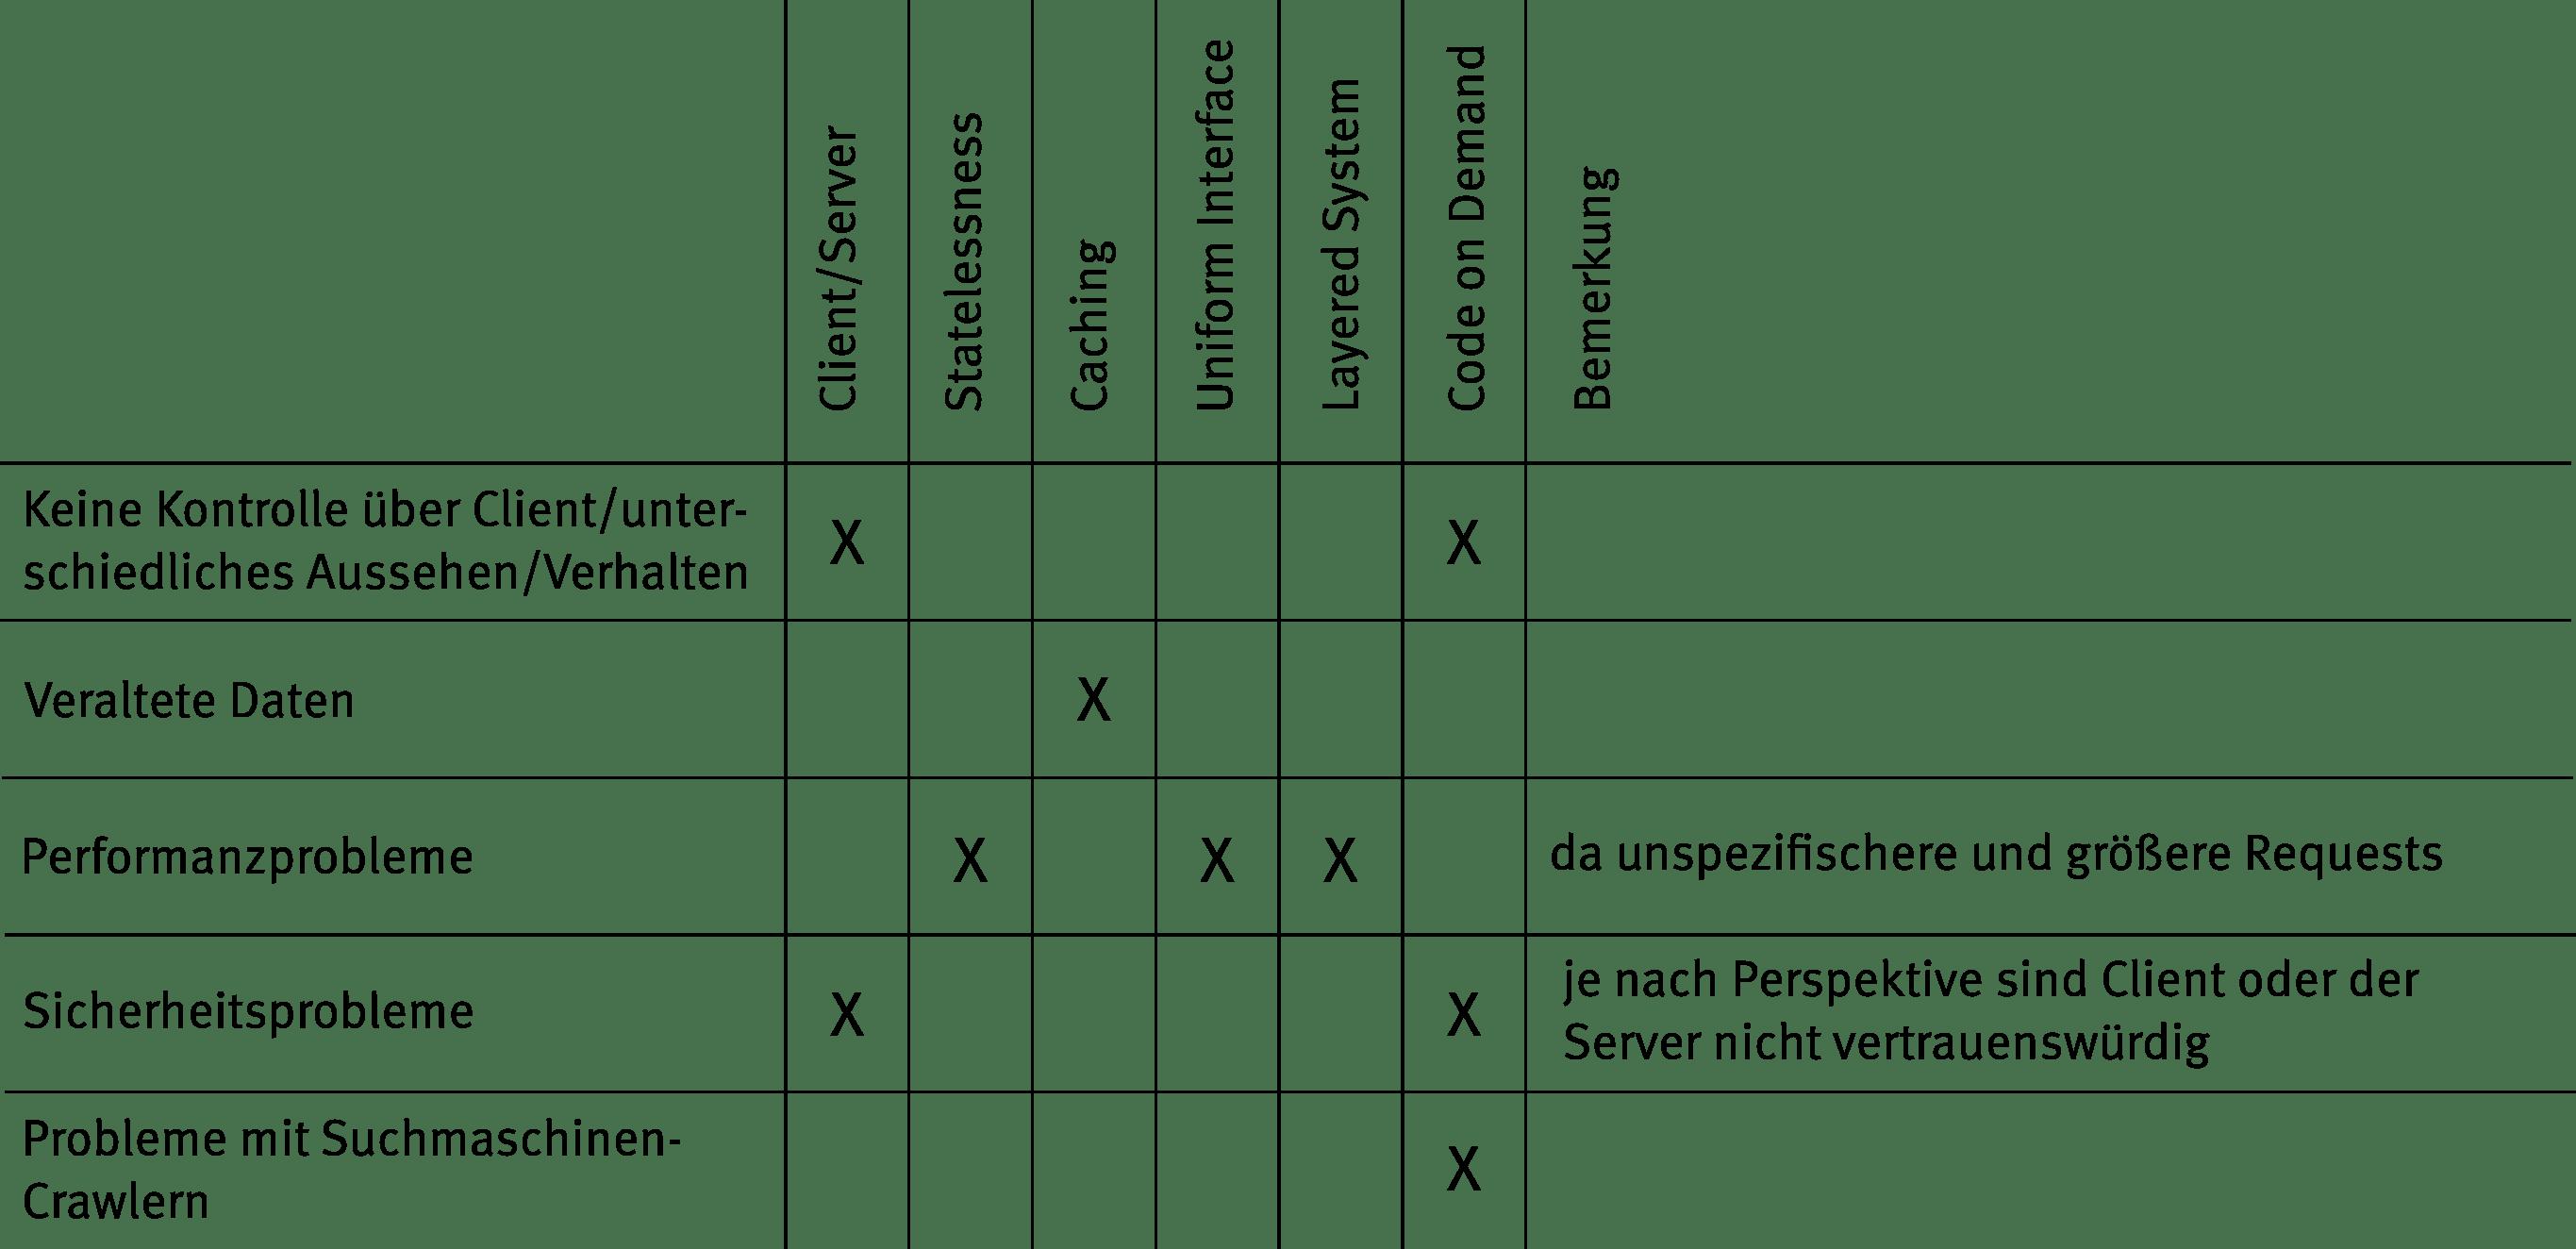 Tabelle 2: Übersicht über negative Architektureigenschaften und Entwurfsrichtlinien